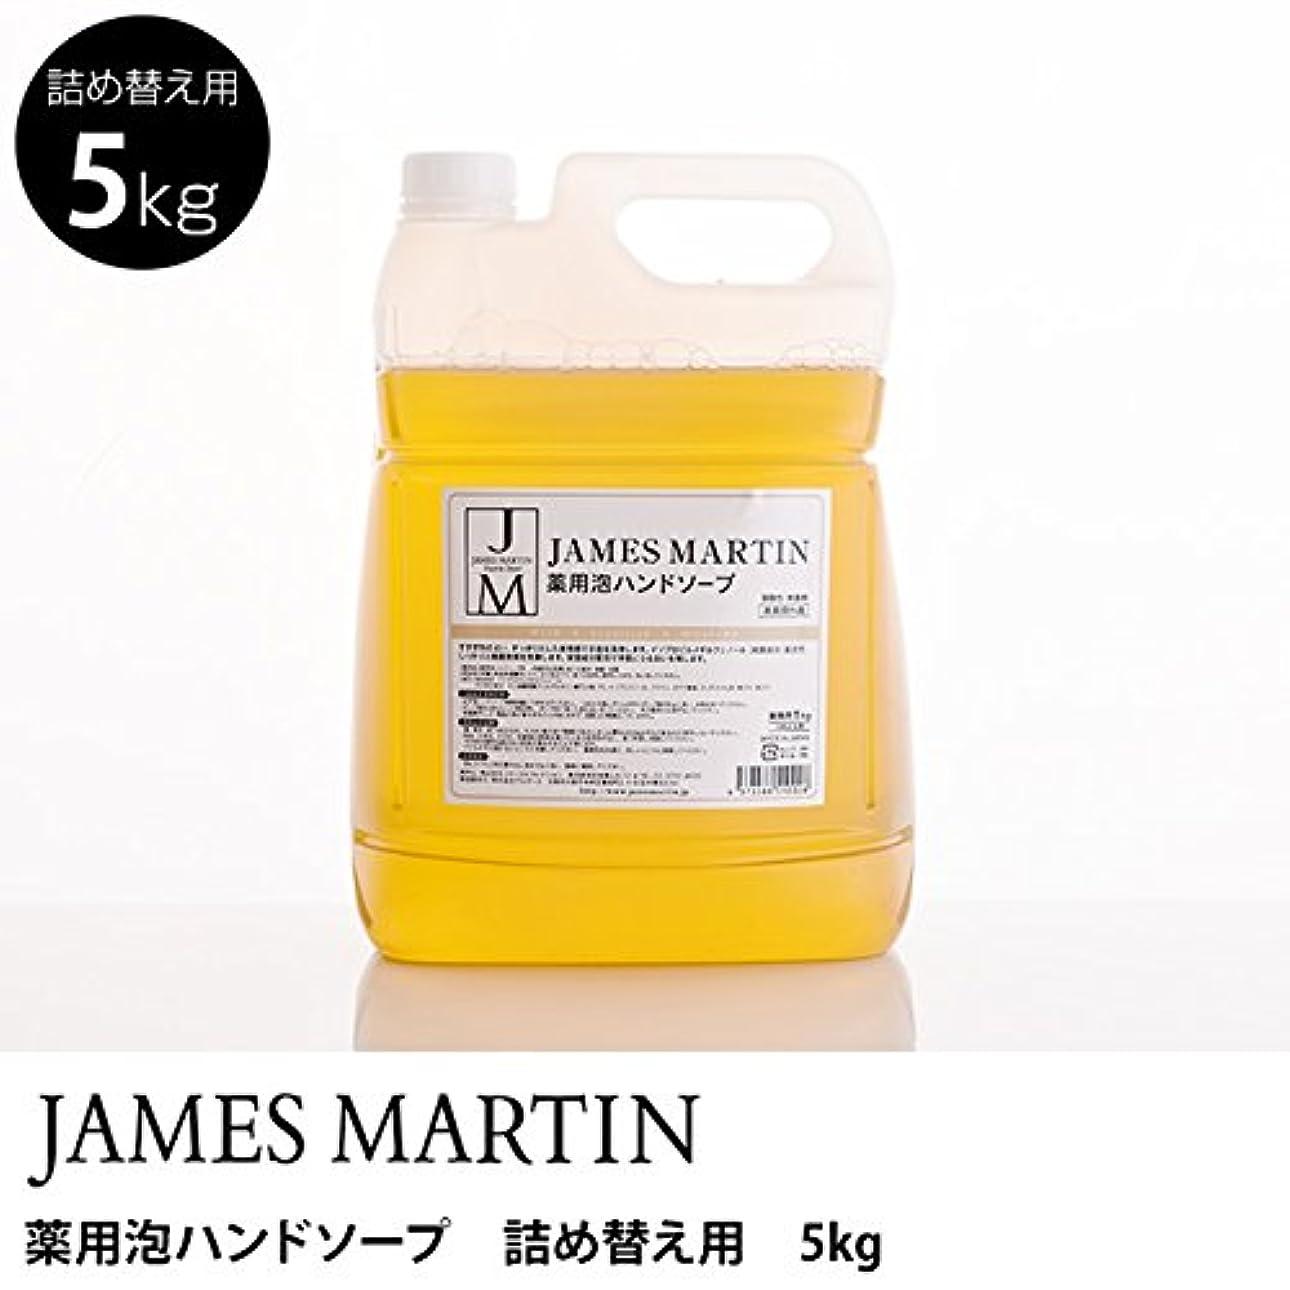 ダイジェスト離婚移民ジェームズマーティン 薬用泡ハンドソープ(無香料) 詰替用 5kg